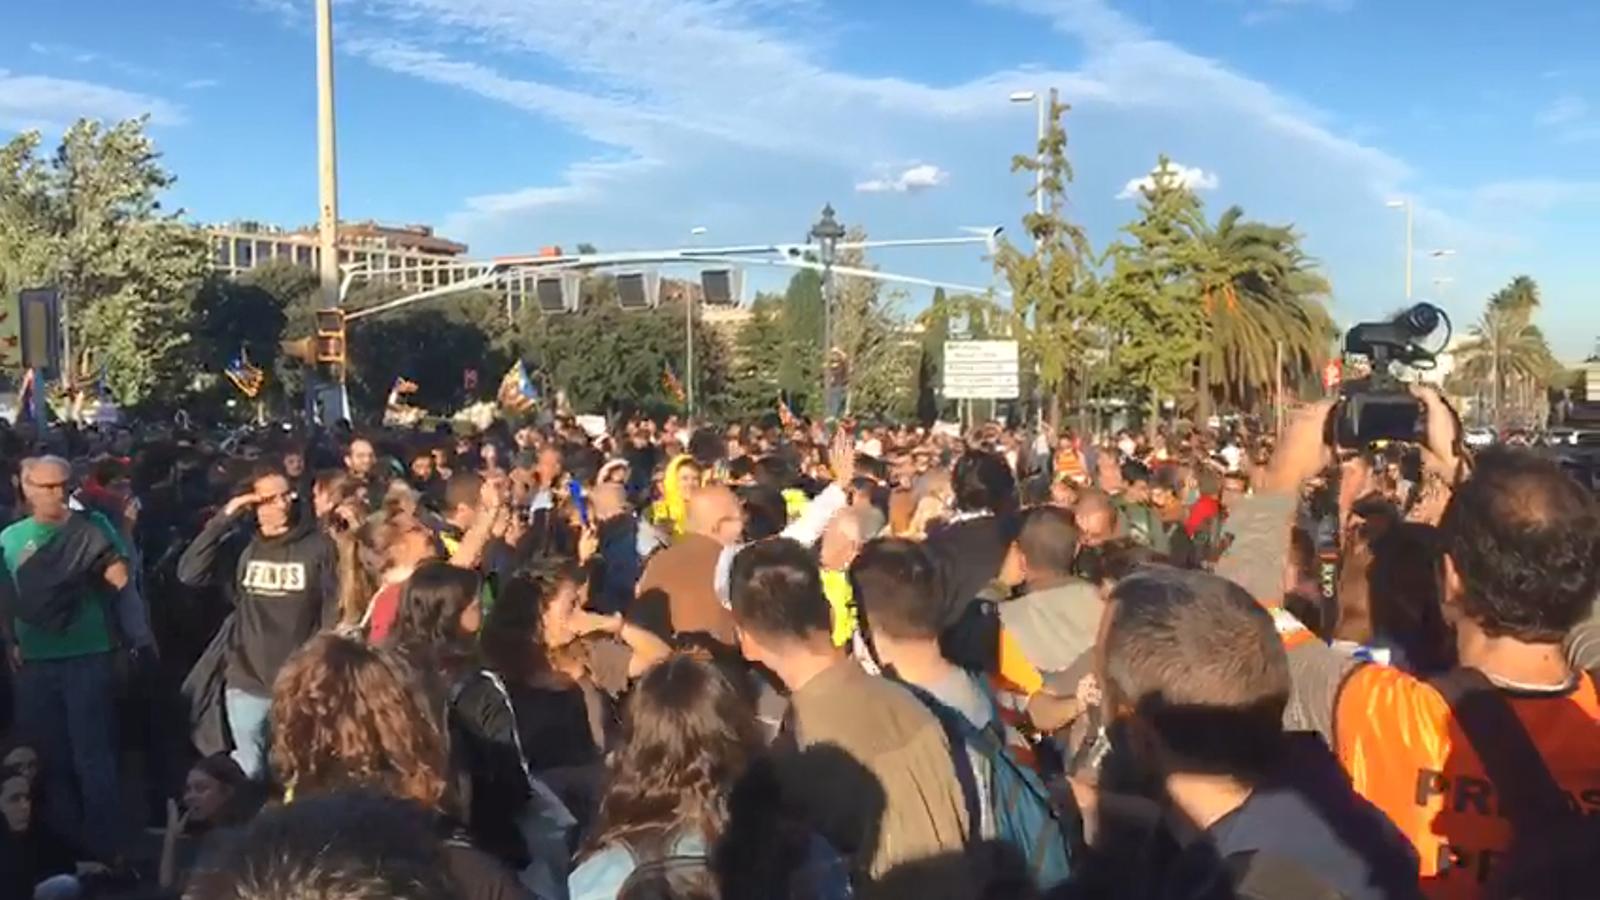 Els manifestants escridassen les persones que intenten accedir al Palau de Congressos i els bloquegen l'entrada per la Diagonal. Han de girar cua i accedir per l'entrada de l'hotel